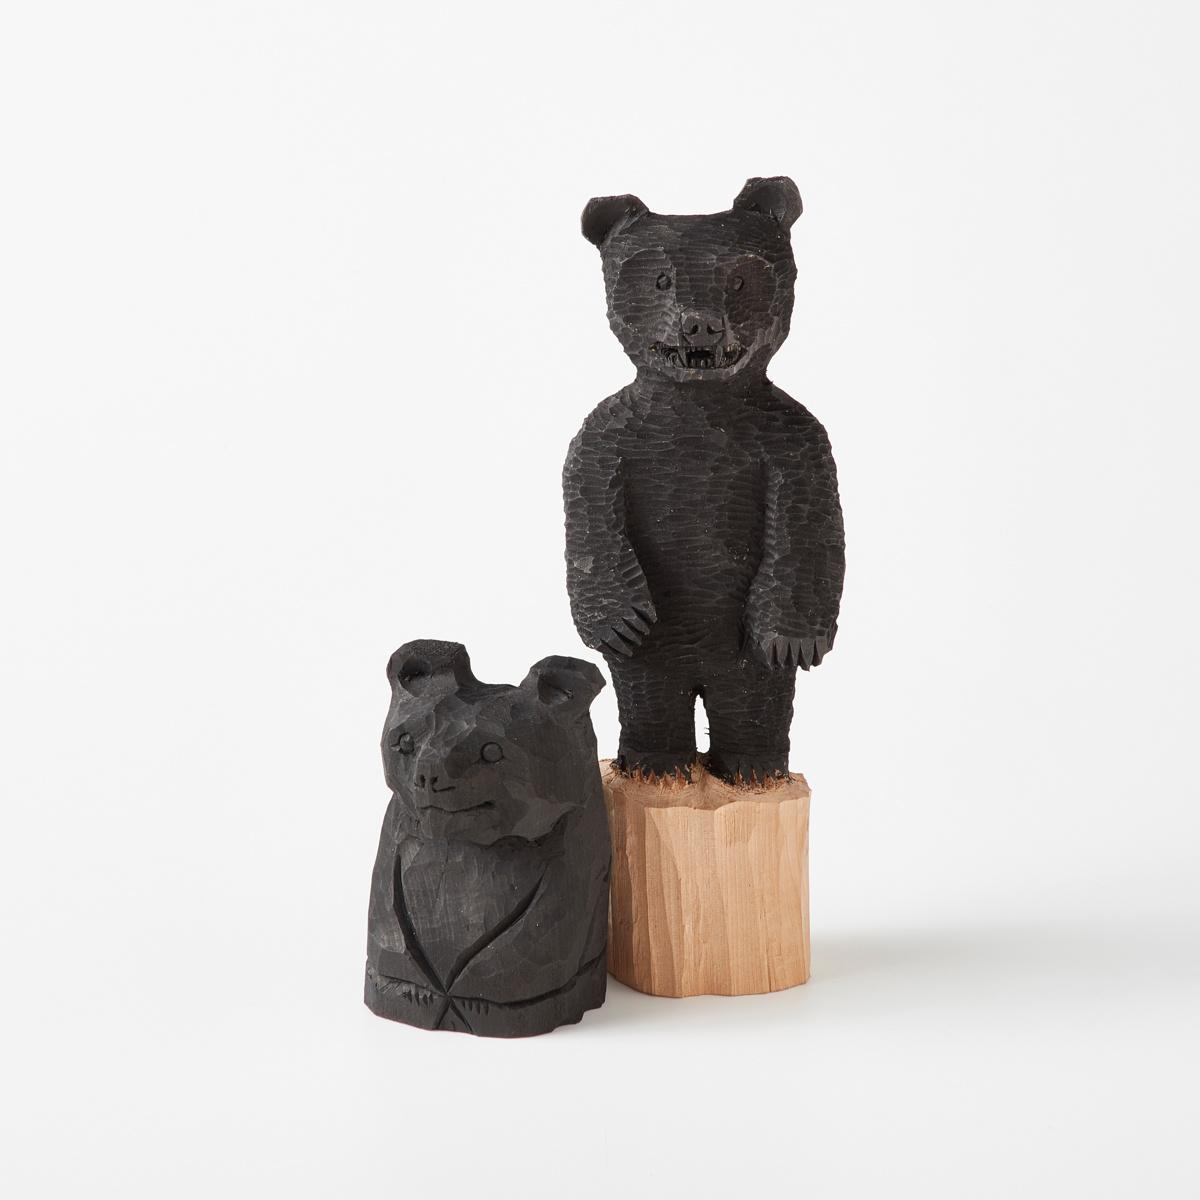 アイヌの伝統を学び、現代の暮らしに向けた木彫作品。